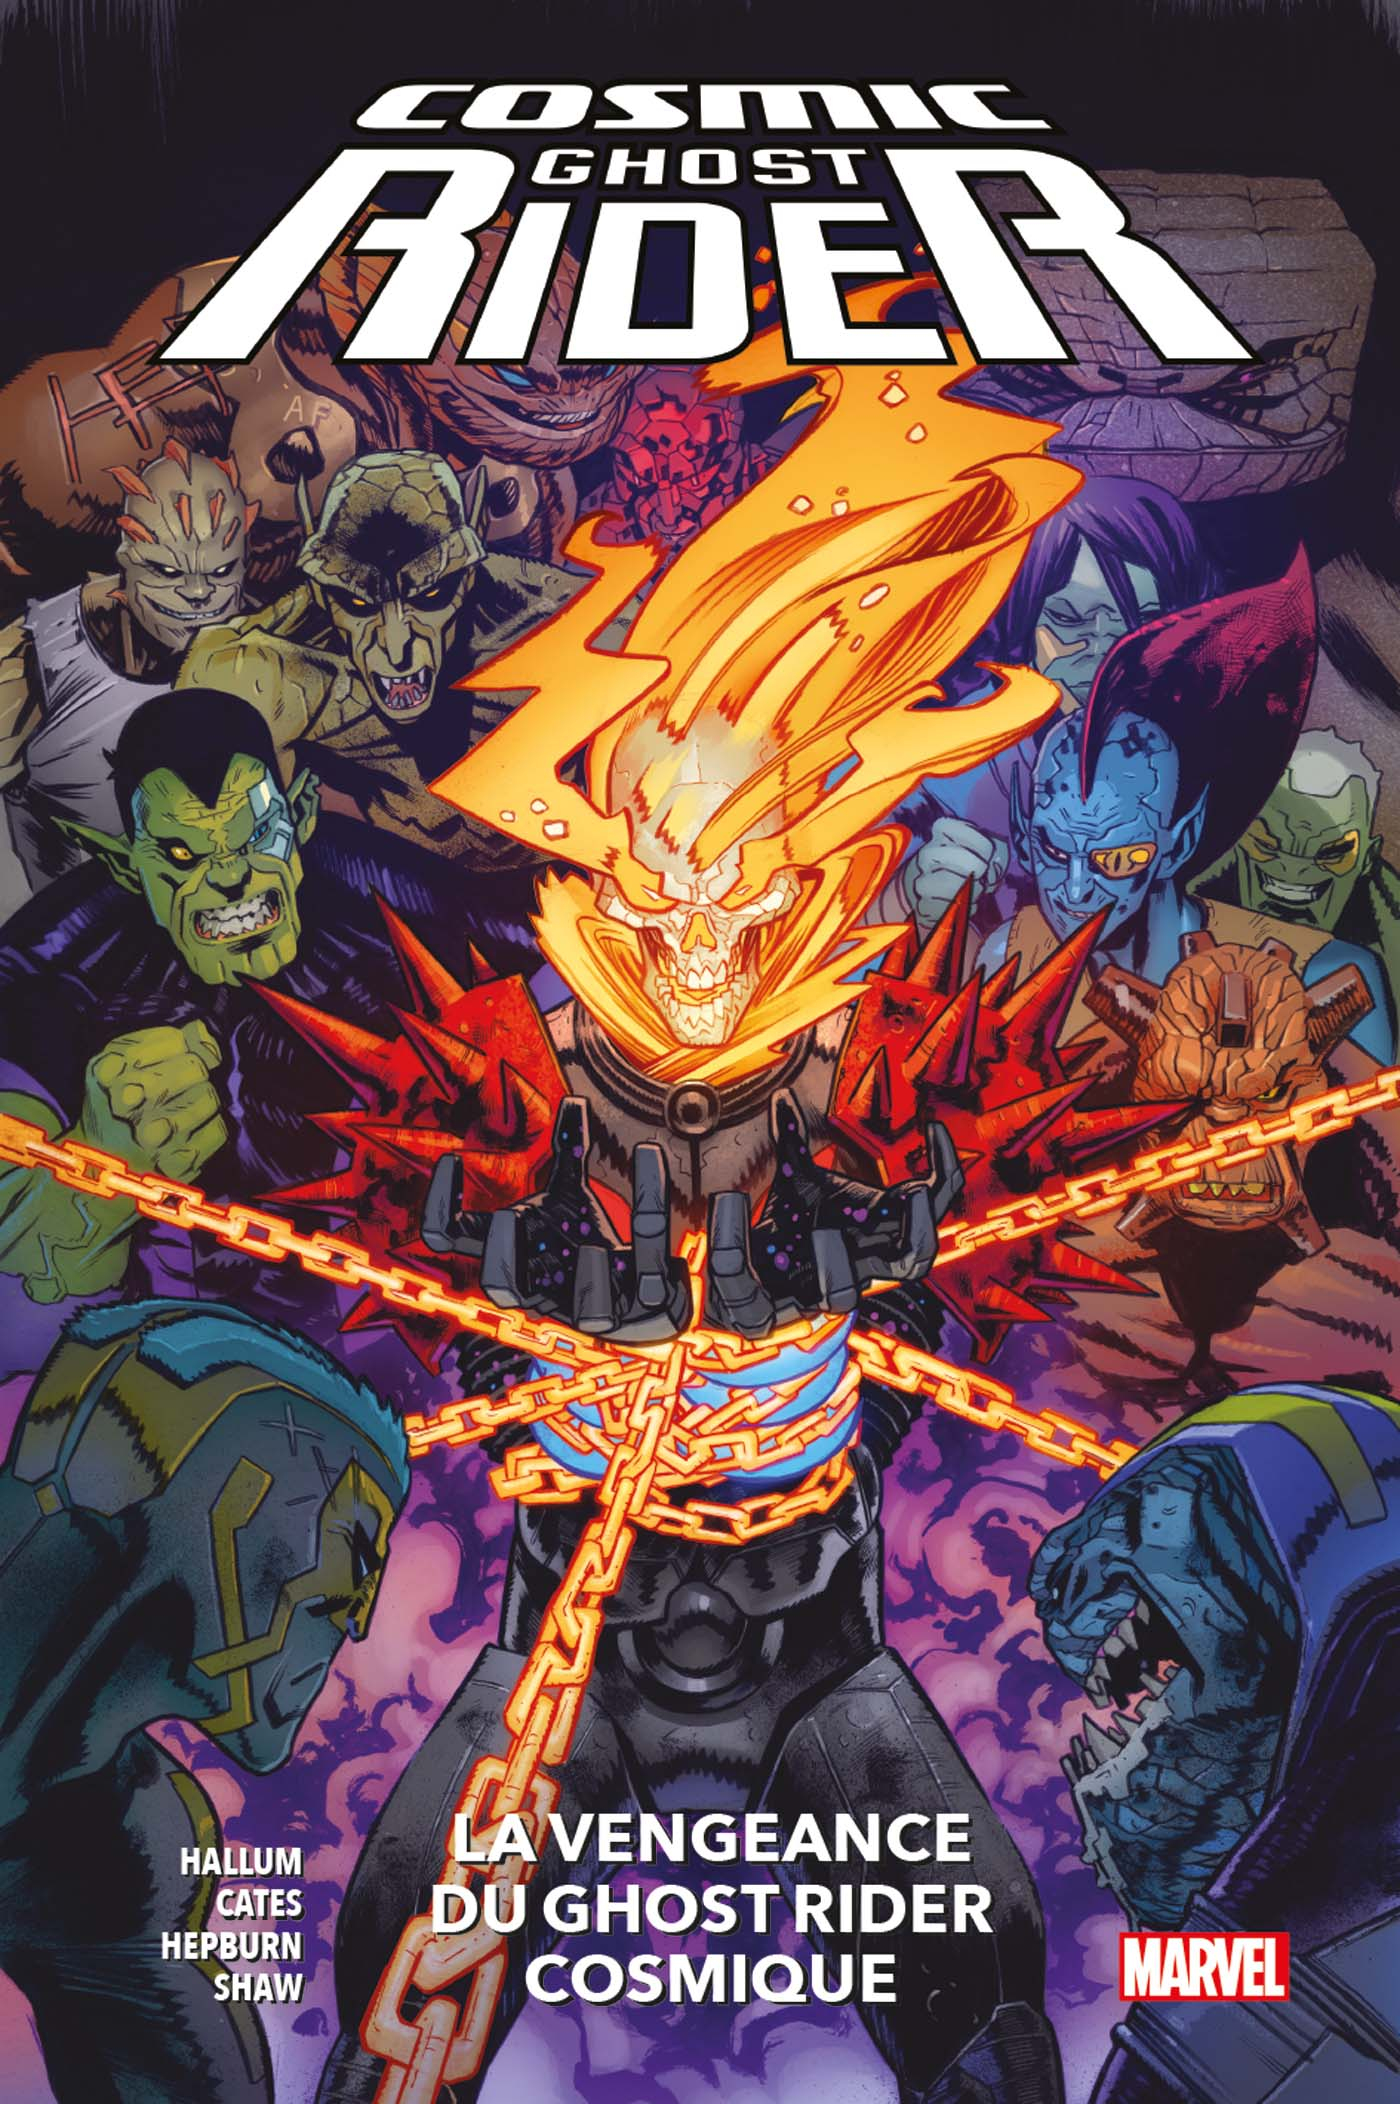 Revenge of the Cosmic Ghost Rider (VF)